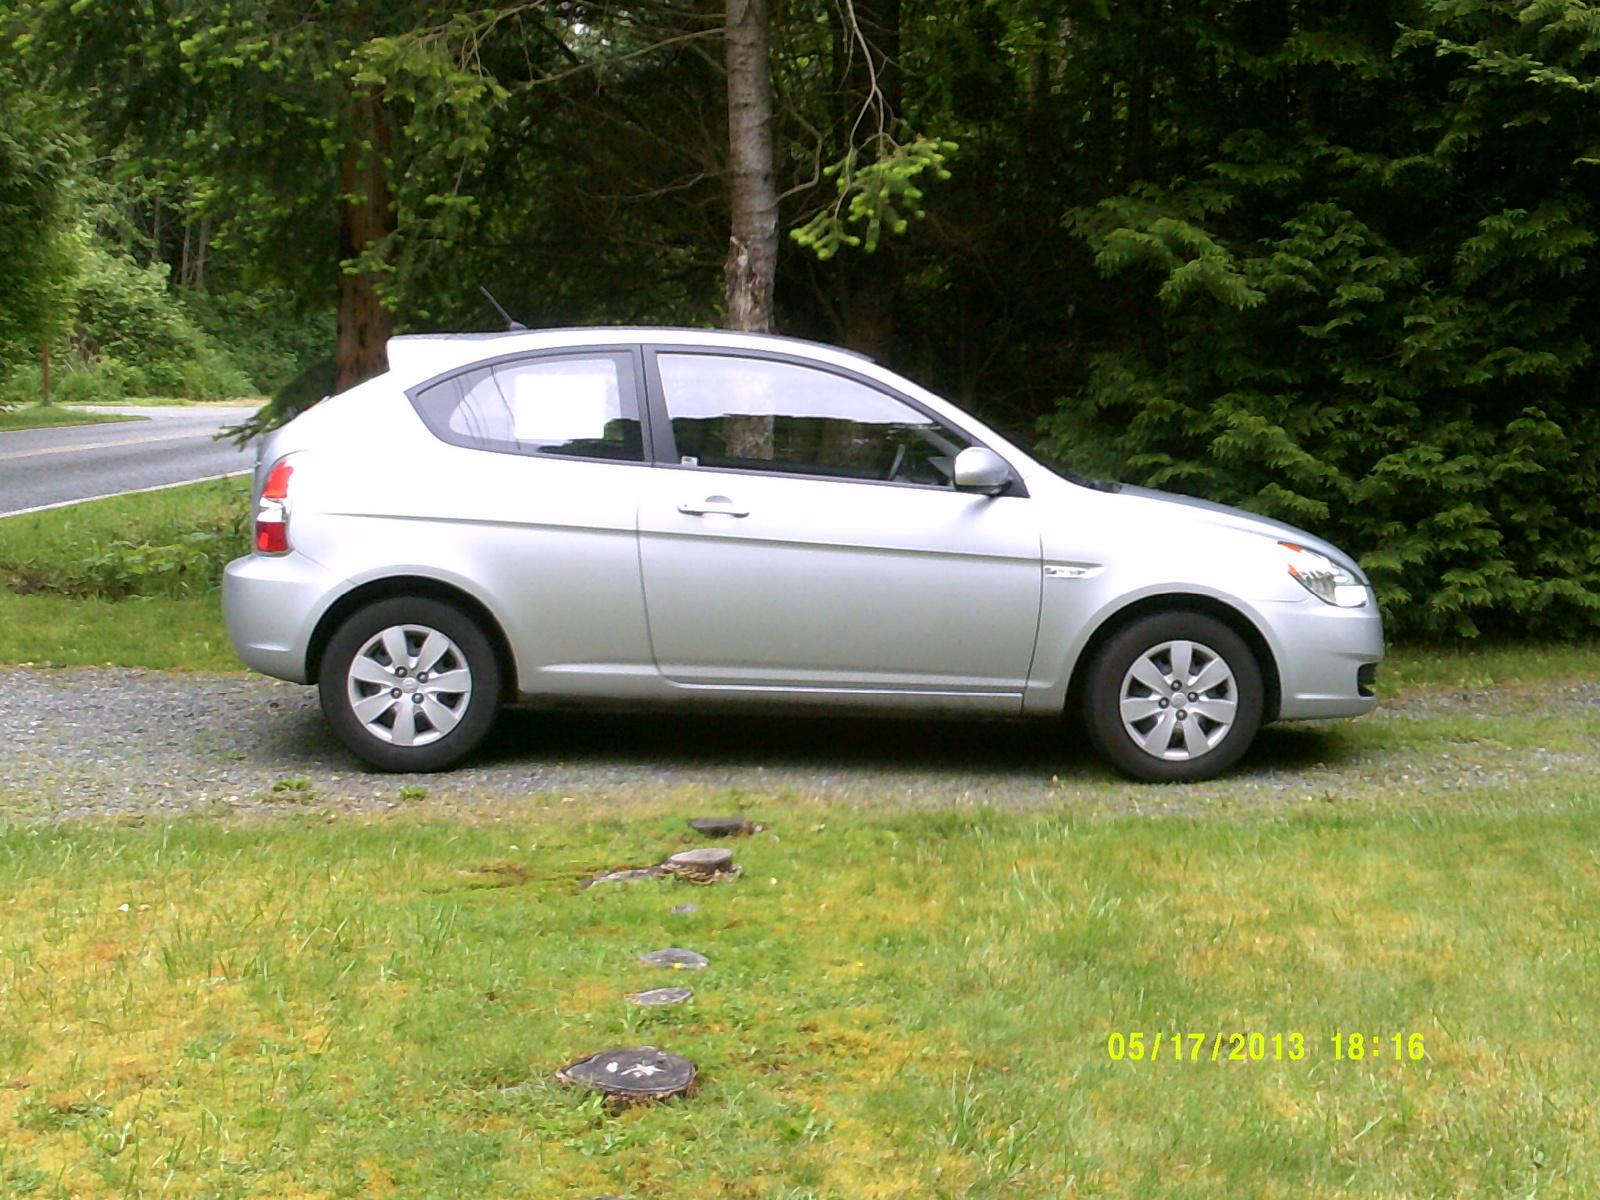 2010 Hyundai Accent Pictures Cargurus